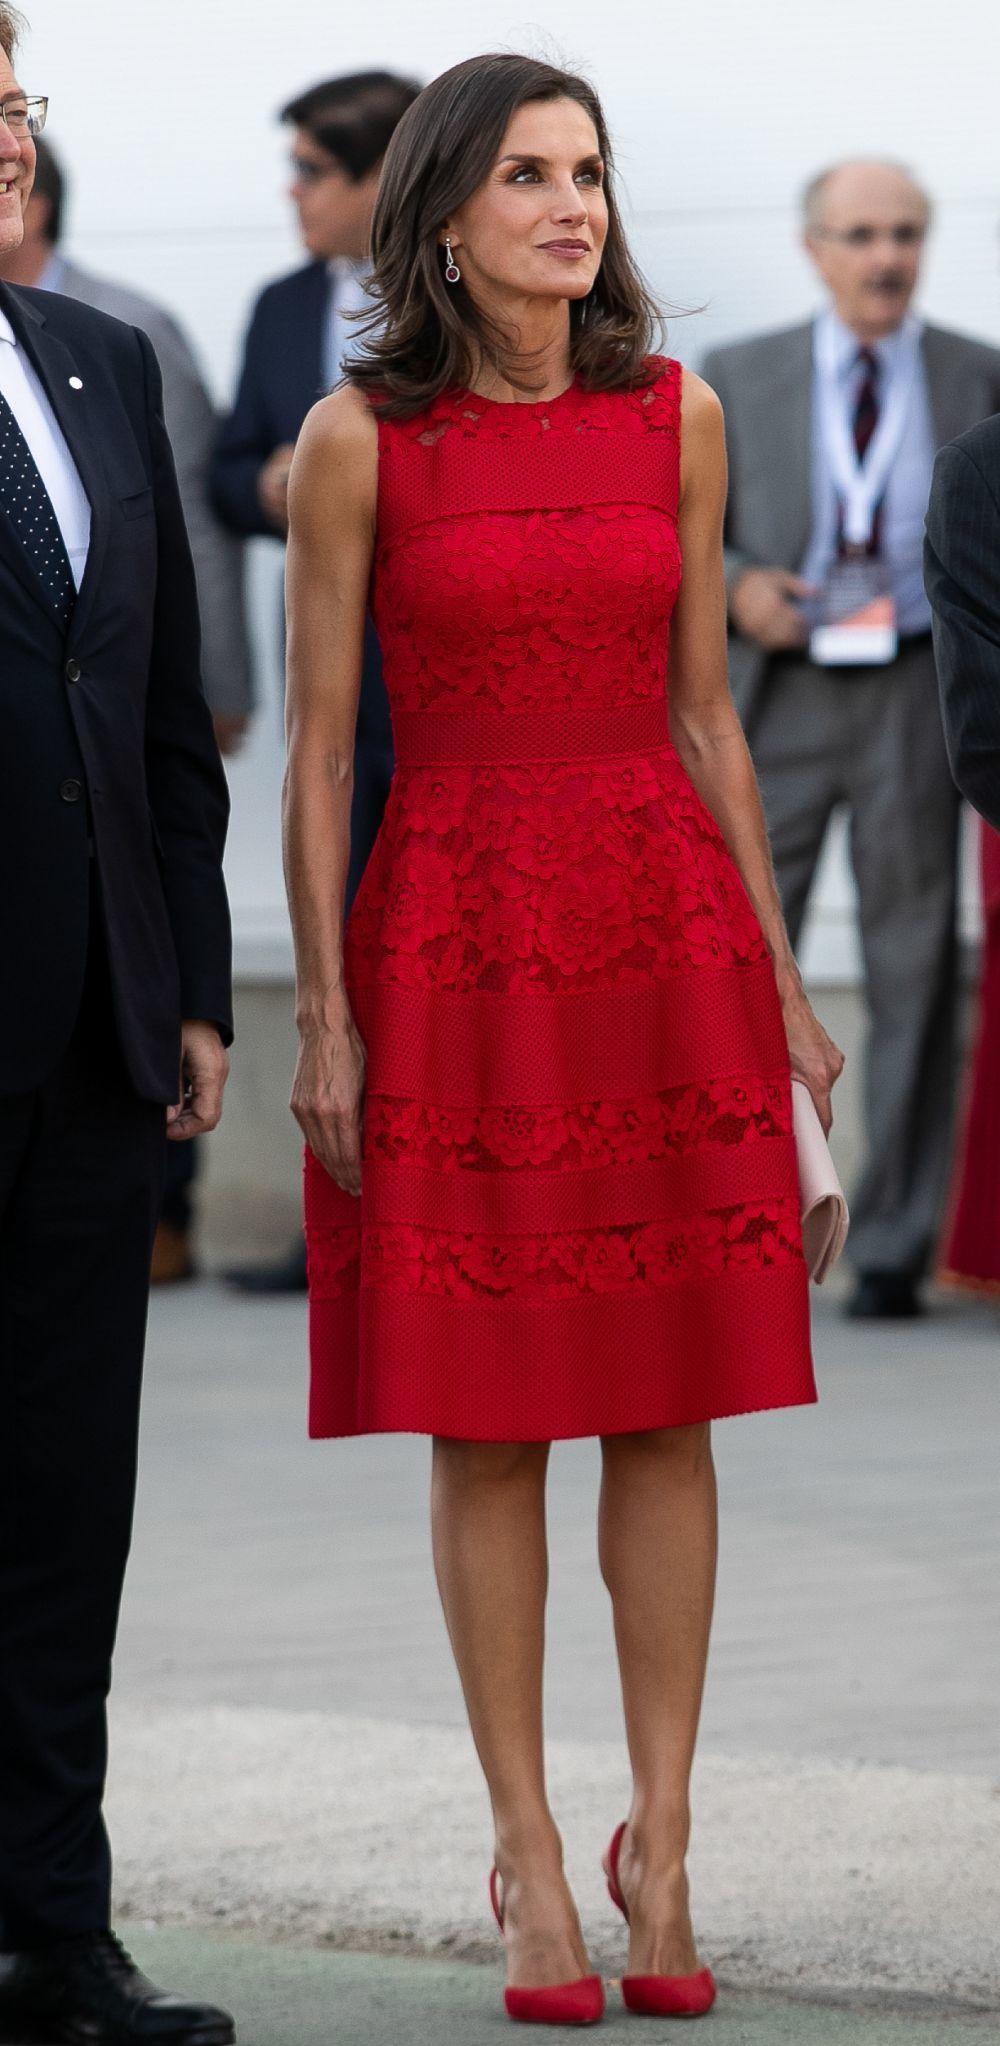 La reina Letizia con un vestido rojo de CH Carolina Herrera.